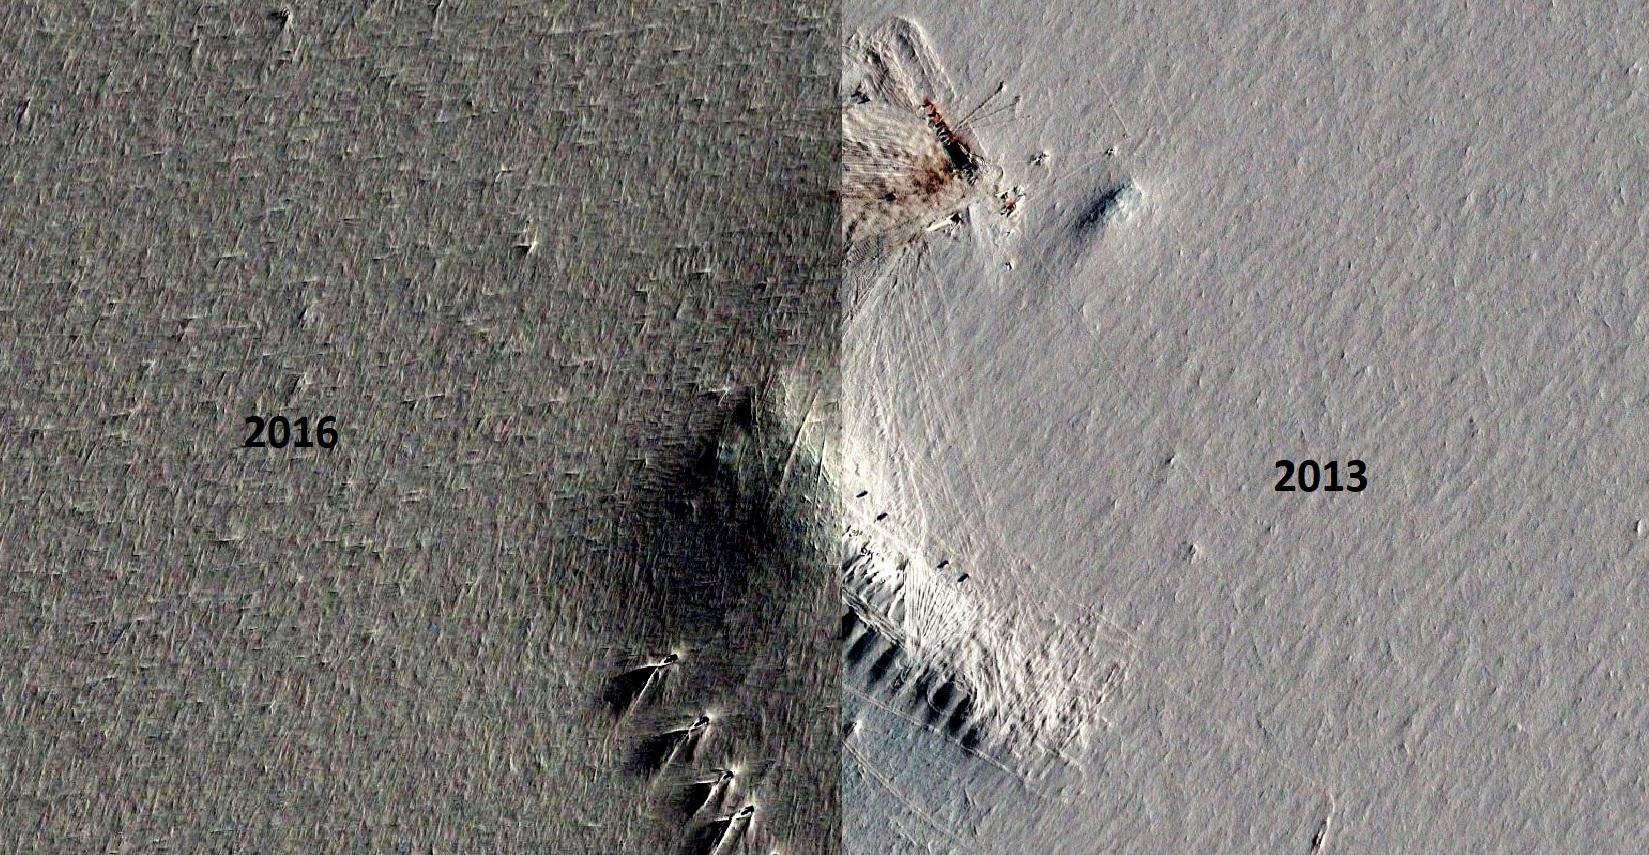 В Антарктиде найден HAARP, построенный Третьим рейхом? Ft5b8c517d